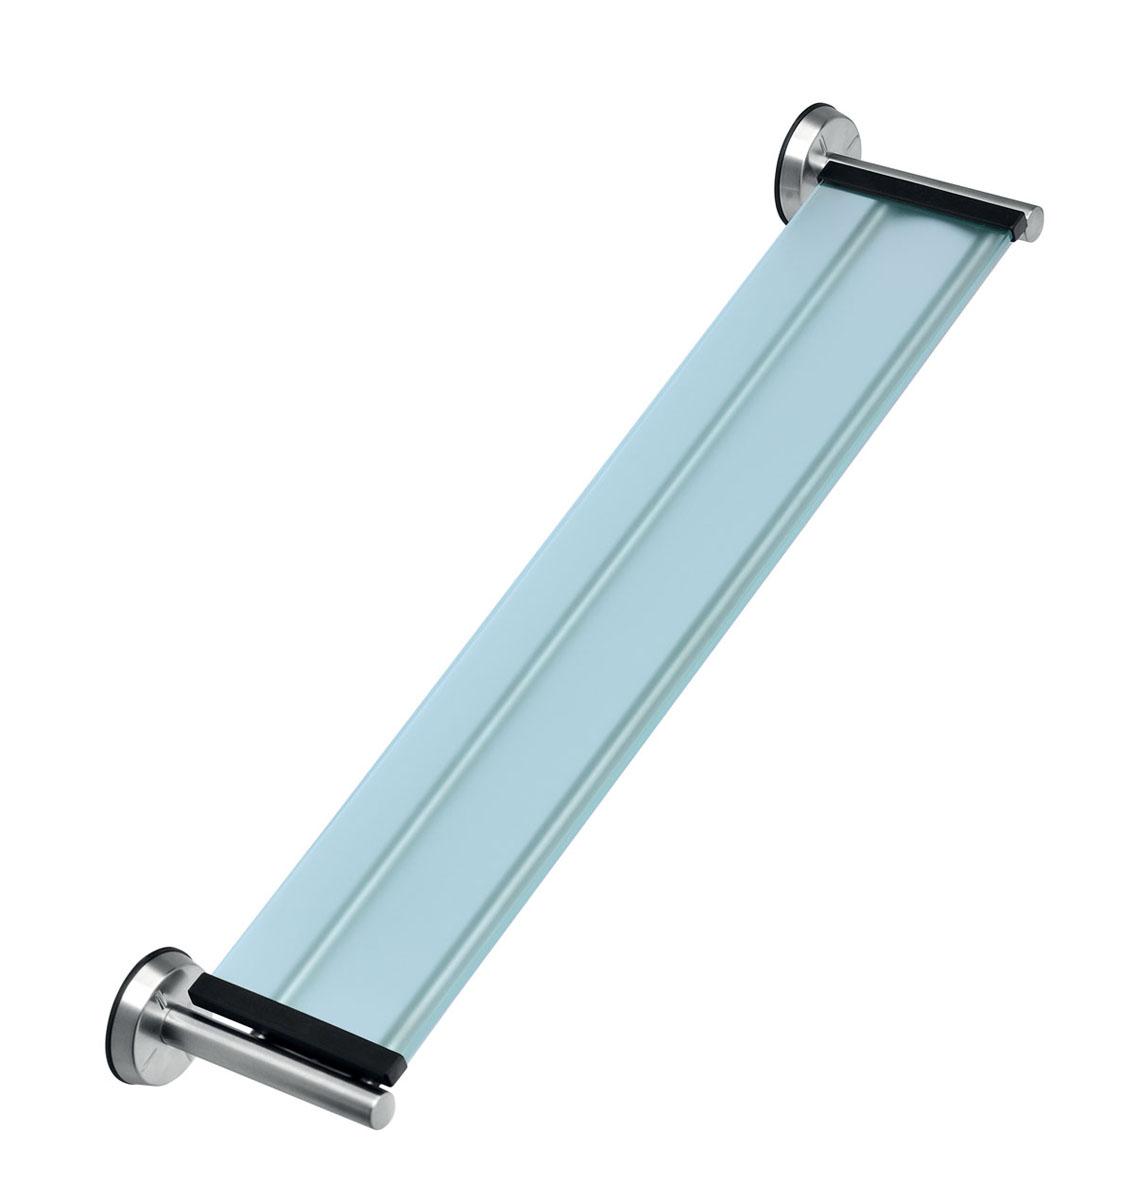 Полочка для ванной комнаты Brabantia, 63 см х 13 см х 6 см427466Полочка для ванной комнаты Brabantia изготовлена из коррозионностойких материалов - нержавеющей стали и безопасного матового стекла, благодаря чему подходит для помещений с повышенной влажностью. Компактный, хорошо продуманный размер полки соответствуют наиболее популярным размерам умывальника. Идеальное решение для ванной комнаты. Быстро и просто крепится к стене. Крепежные элементы входят в комплект. Размер полки (ДхШхВ): 63 см х 13 см х 6 см.